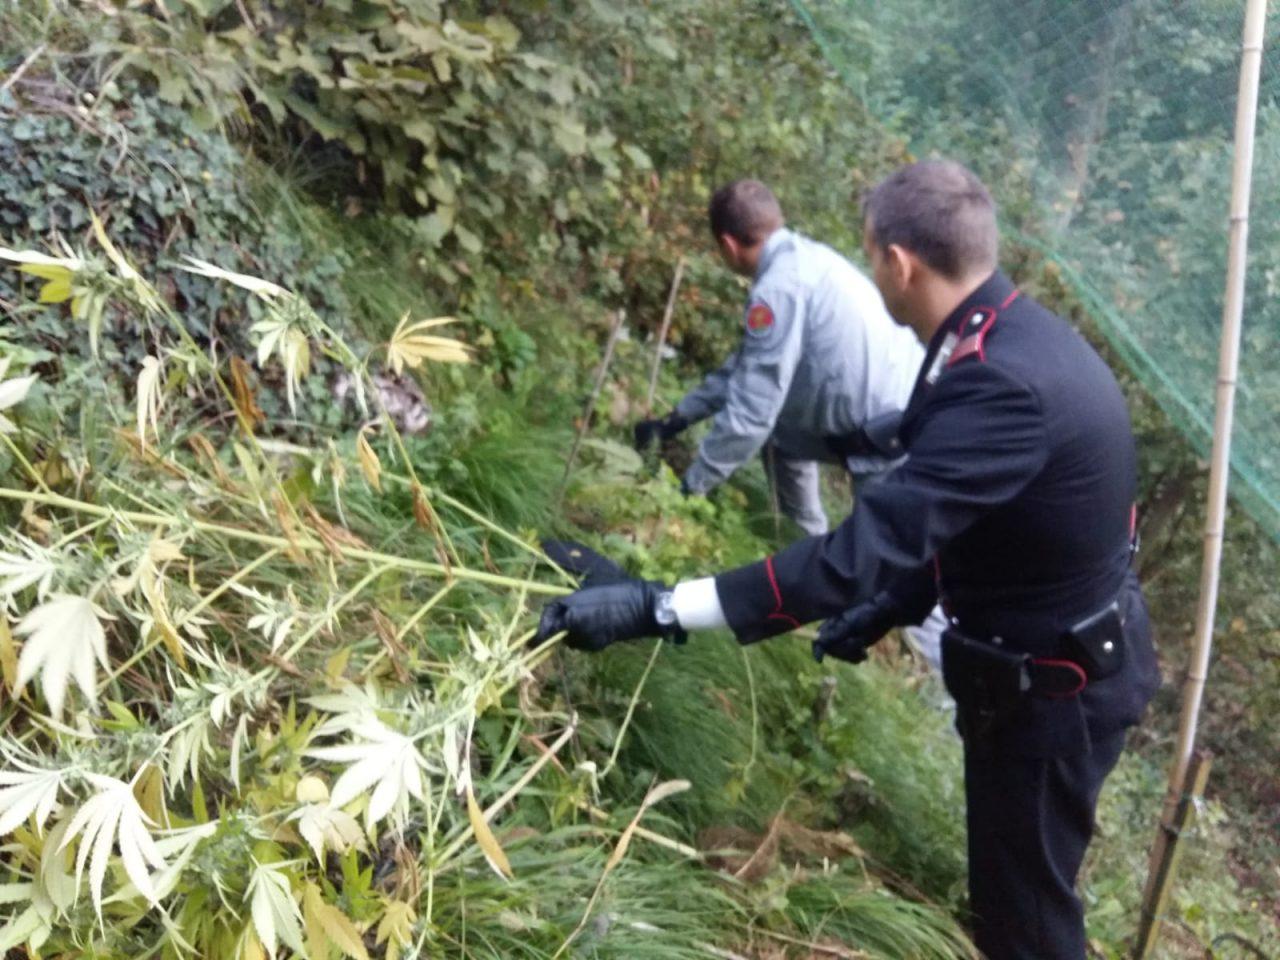 Operazione antidroga: coltivatori arresti. I carabinieri di Tregnago, insieme alla Forestale, hanno arrestato in flagranza una coppia di Tregango.